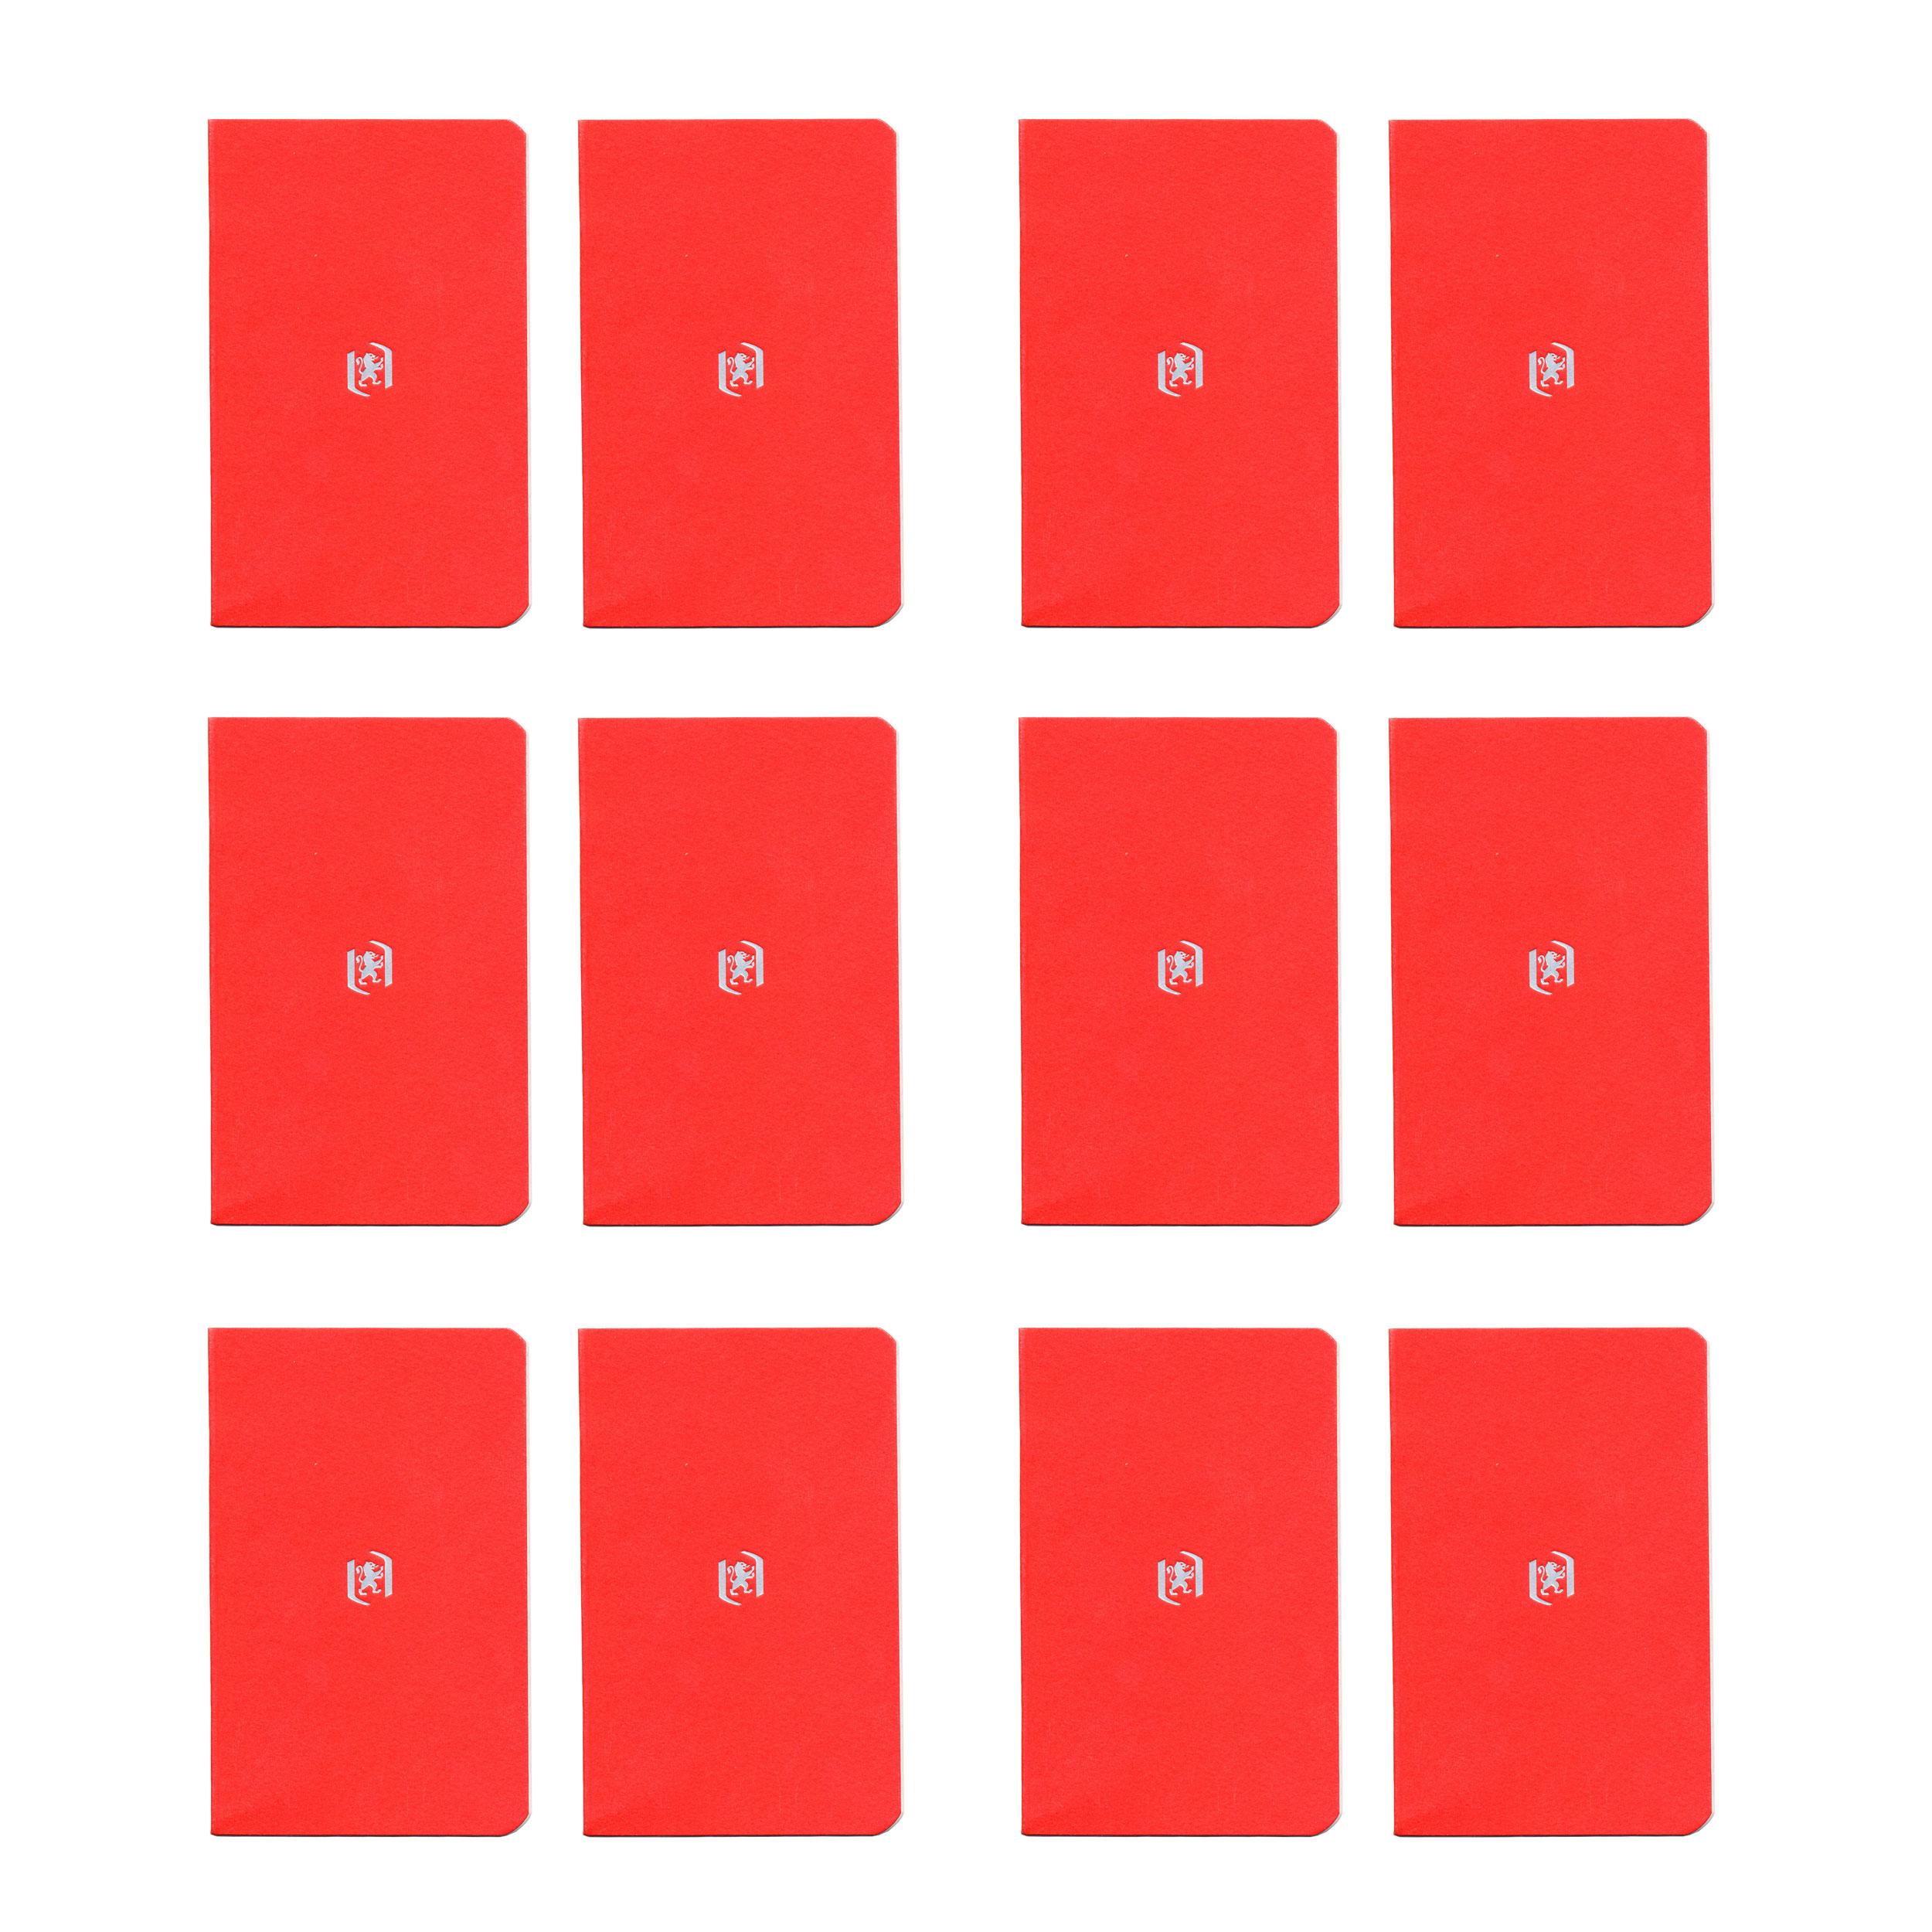 دفتر یادداشت آکسفورد مدل 1501 بسته 12 عددی